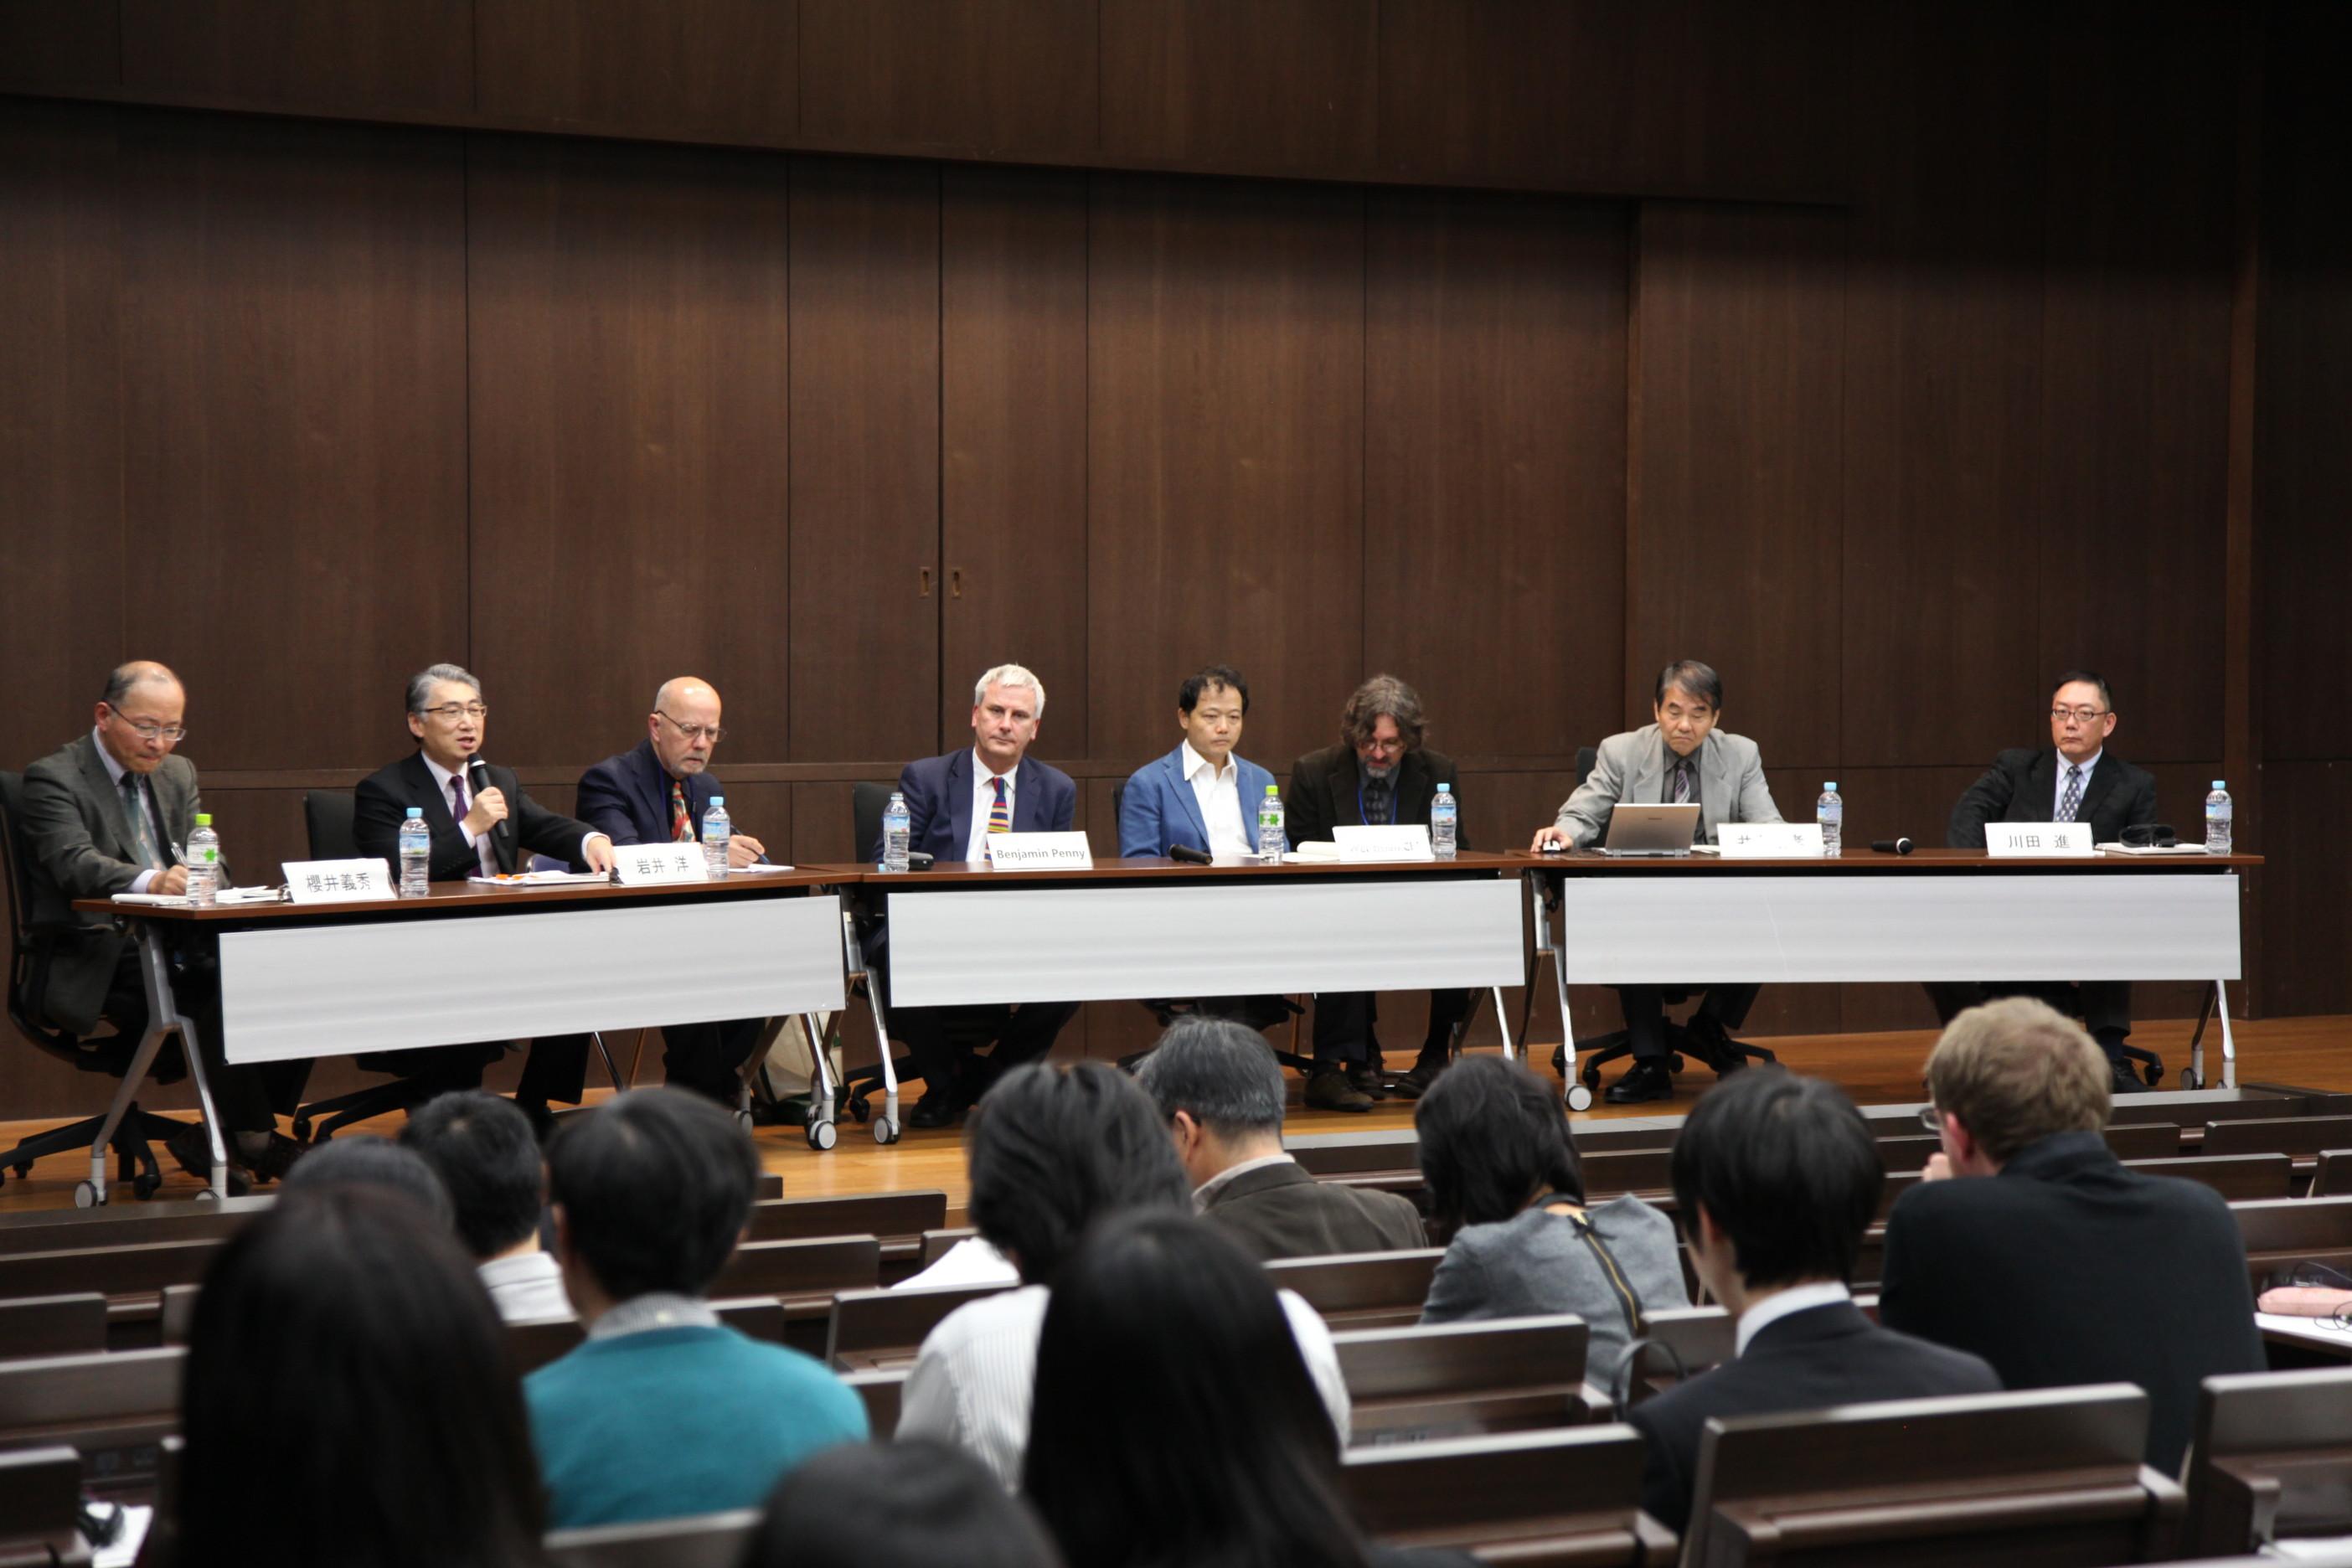 日本文化研究所が開催している国際研究フォーラムには世界の第一線で活躍する研究者が集結する